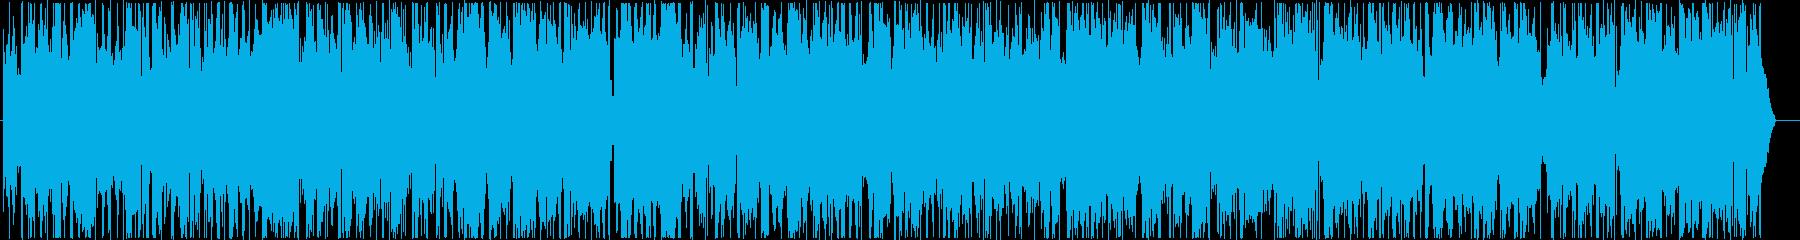 JAZZ|夜の酒場で聴くしっとりバラードの再生済みの波形